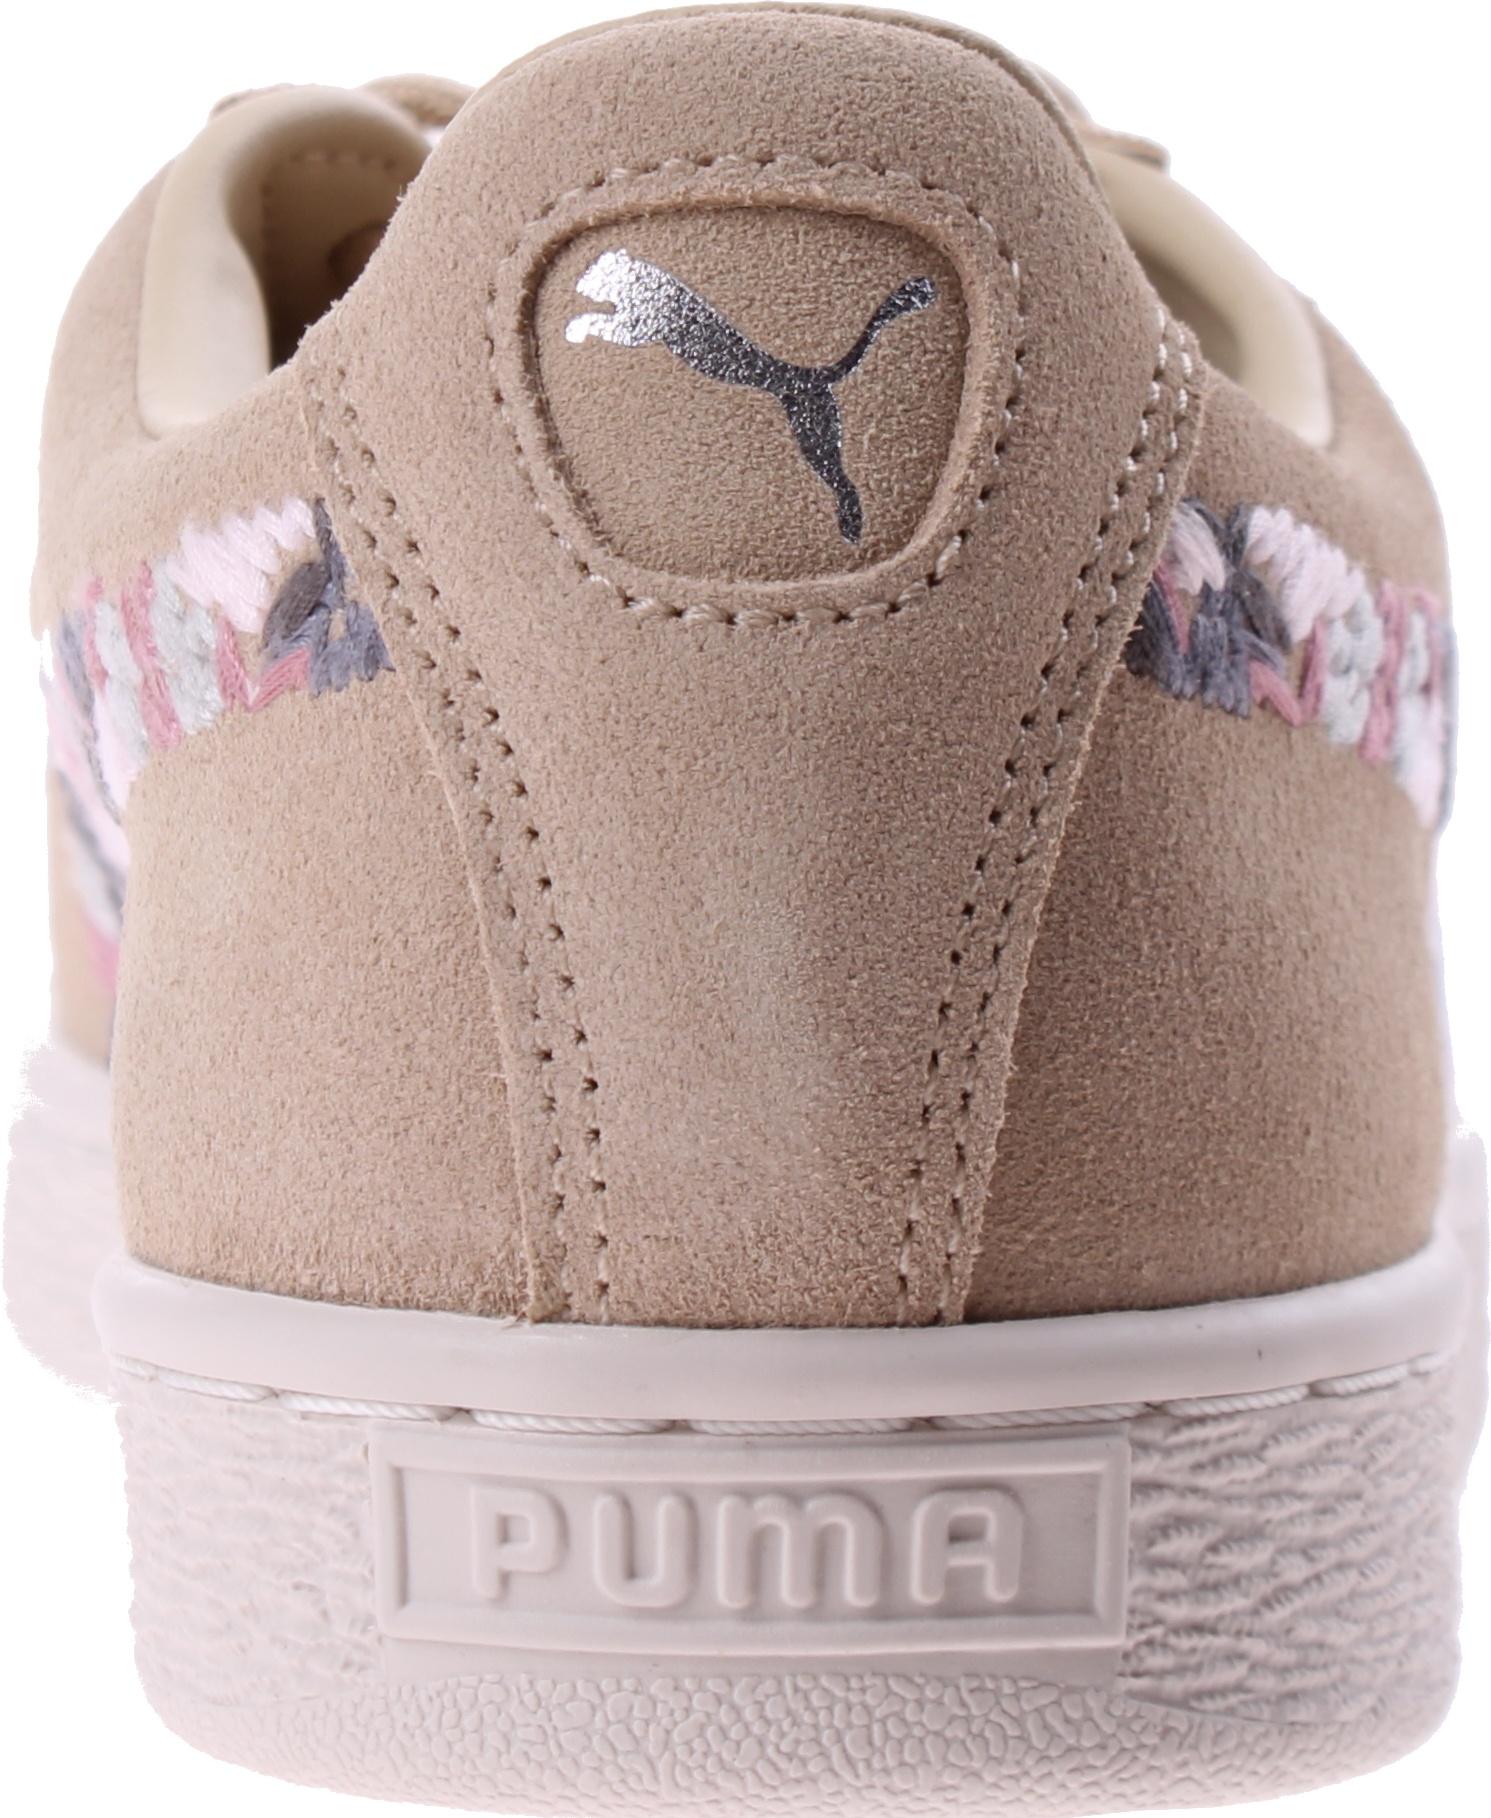 cheap for discount f4c77 99f23 Puma sneakers Suede Sunfade Stitch women beige - Internet ...